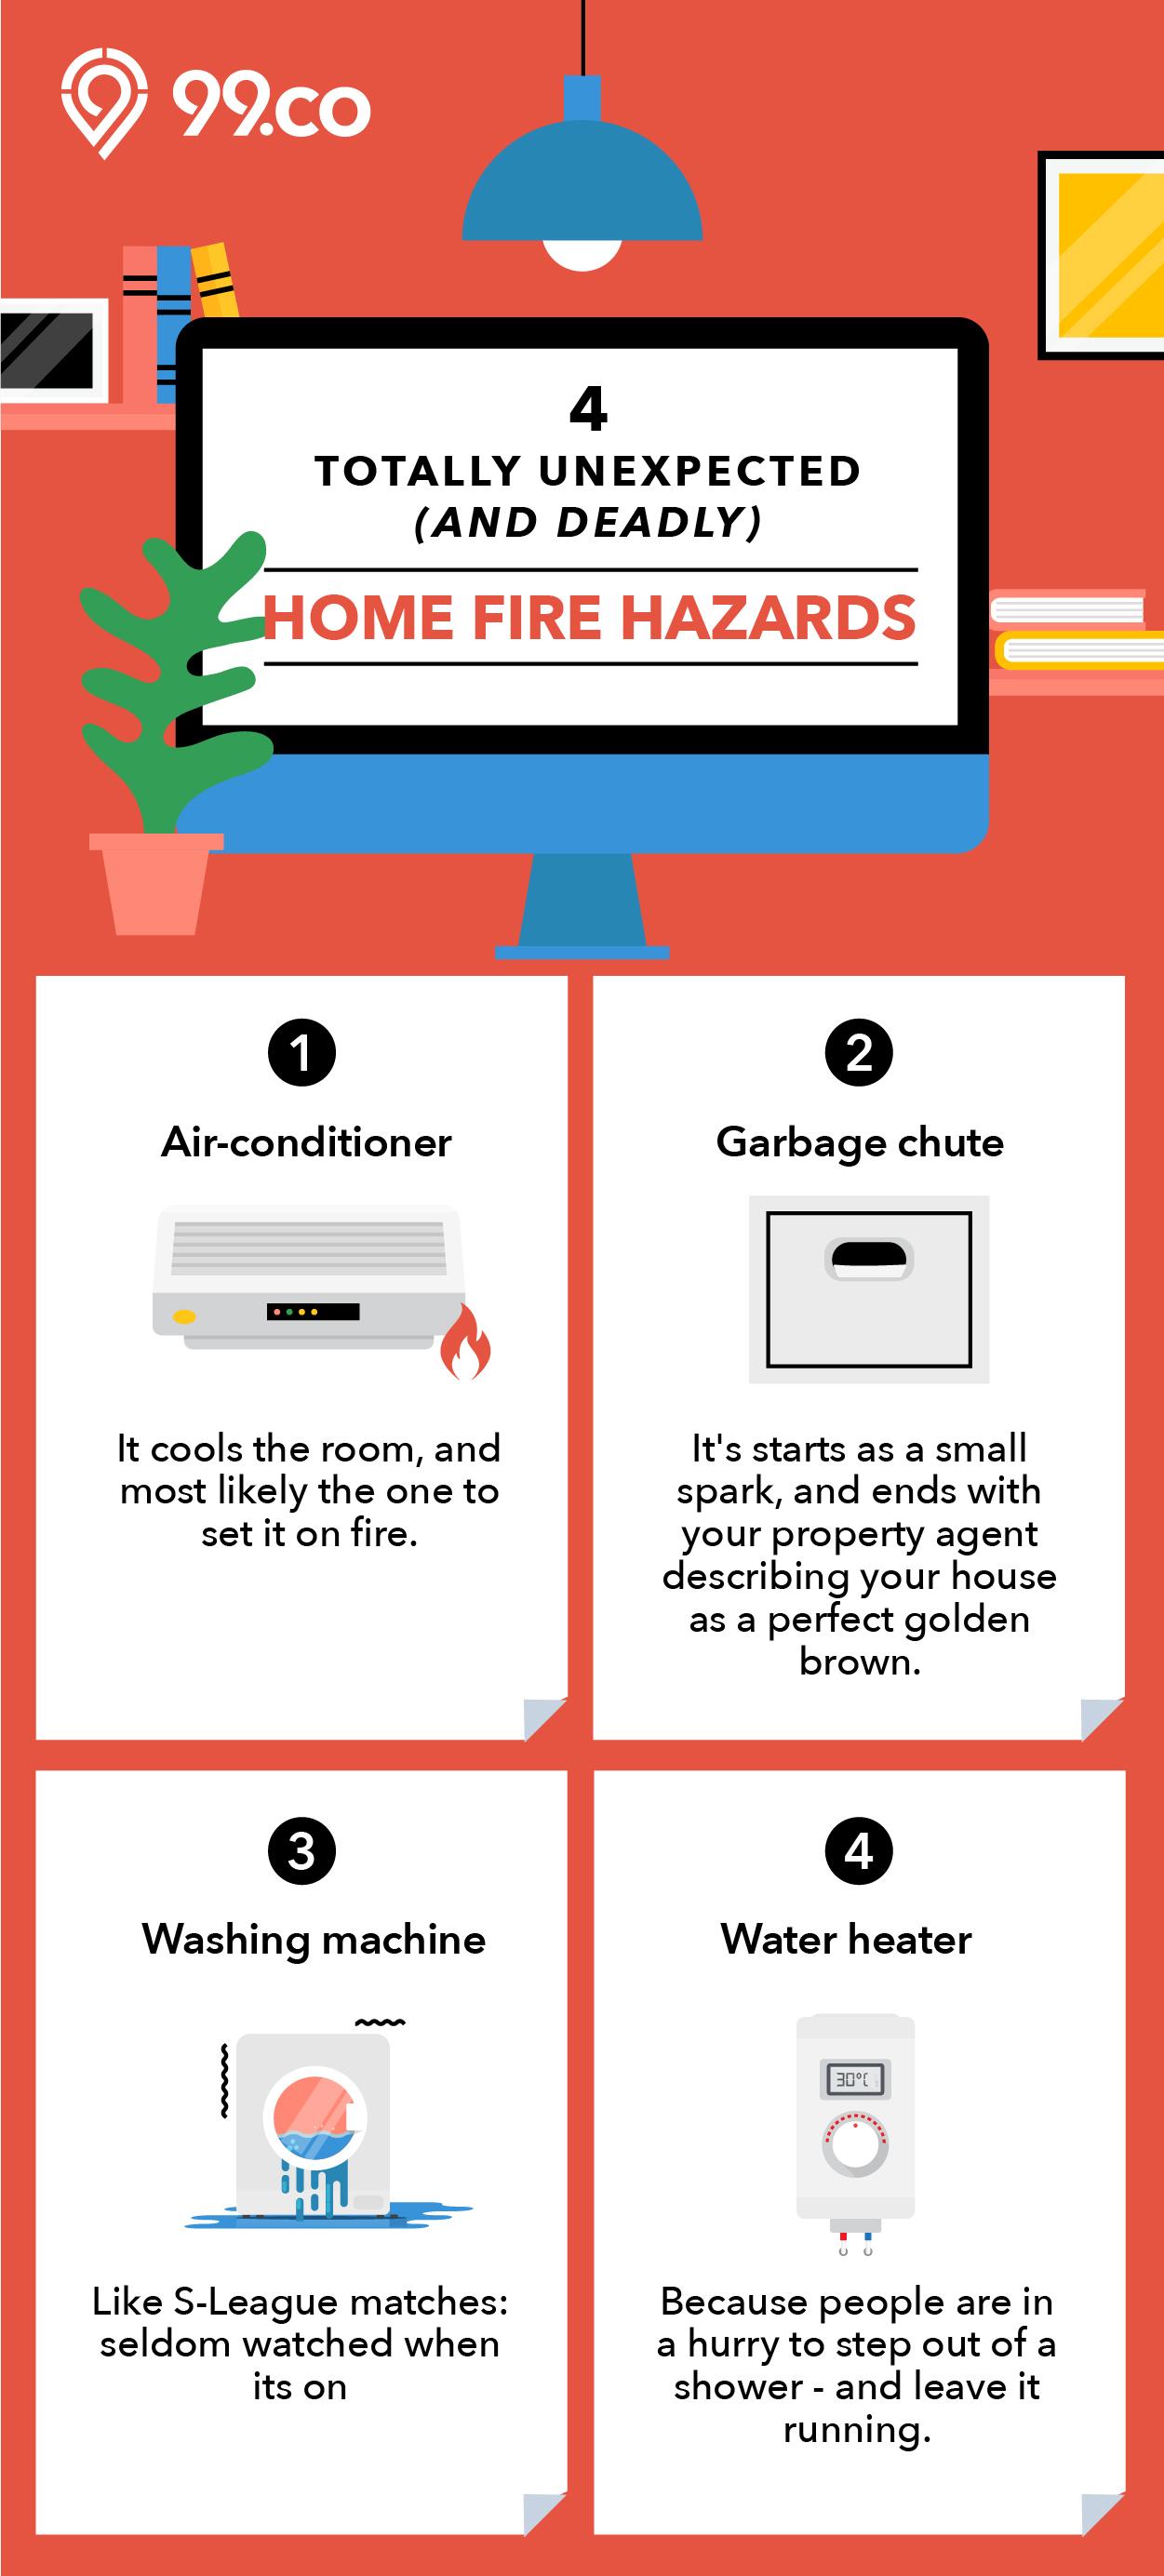 Home Fire Hazards